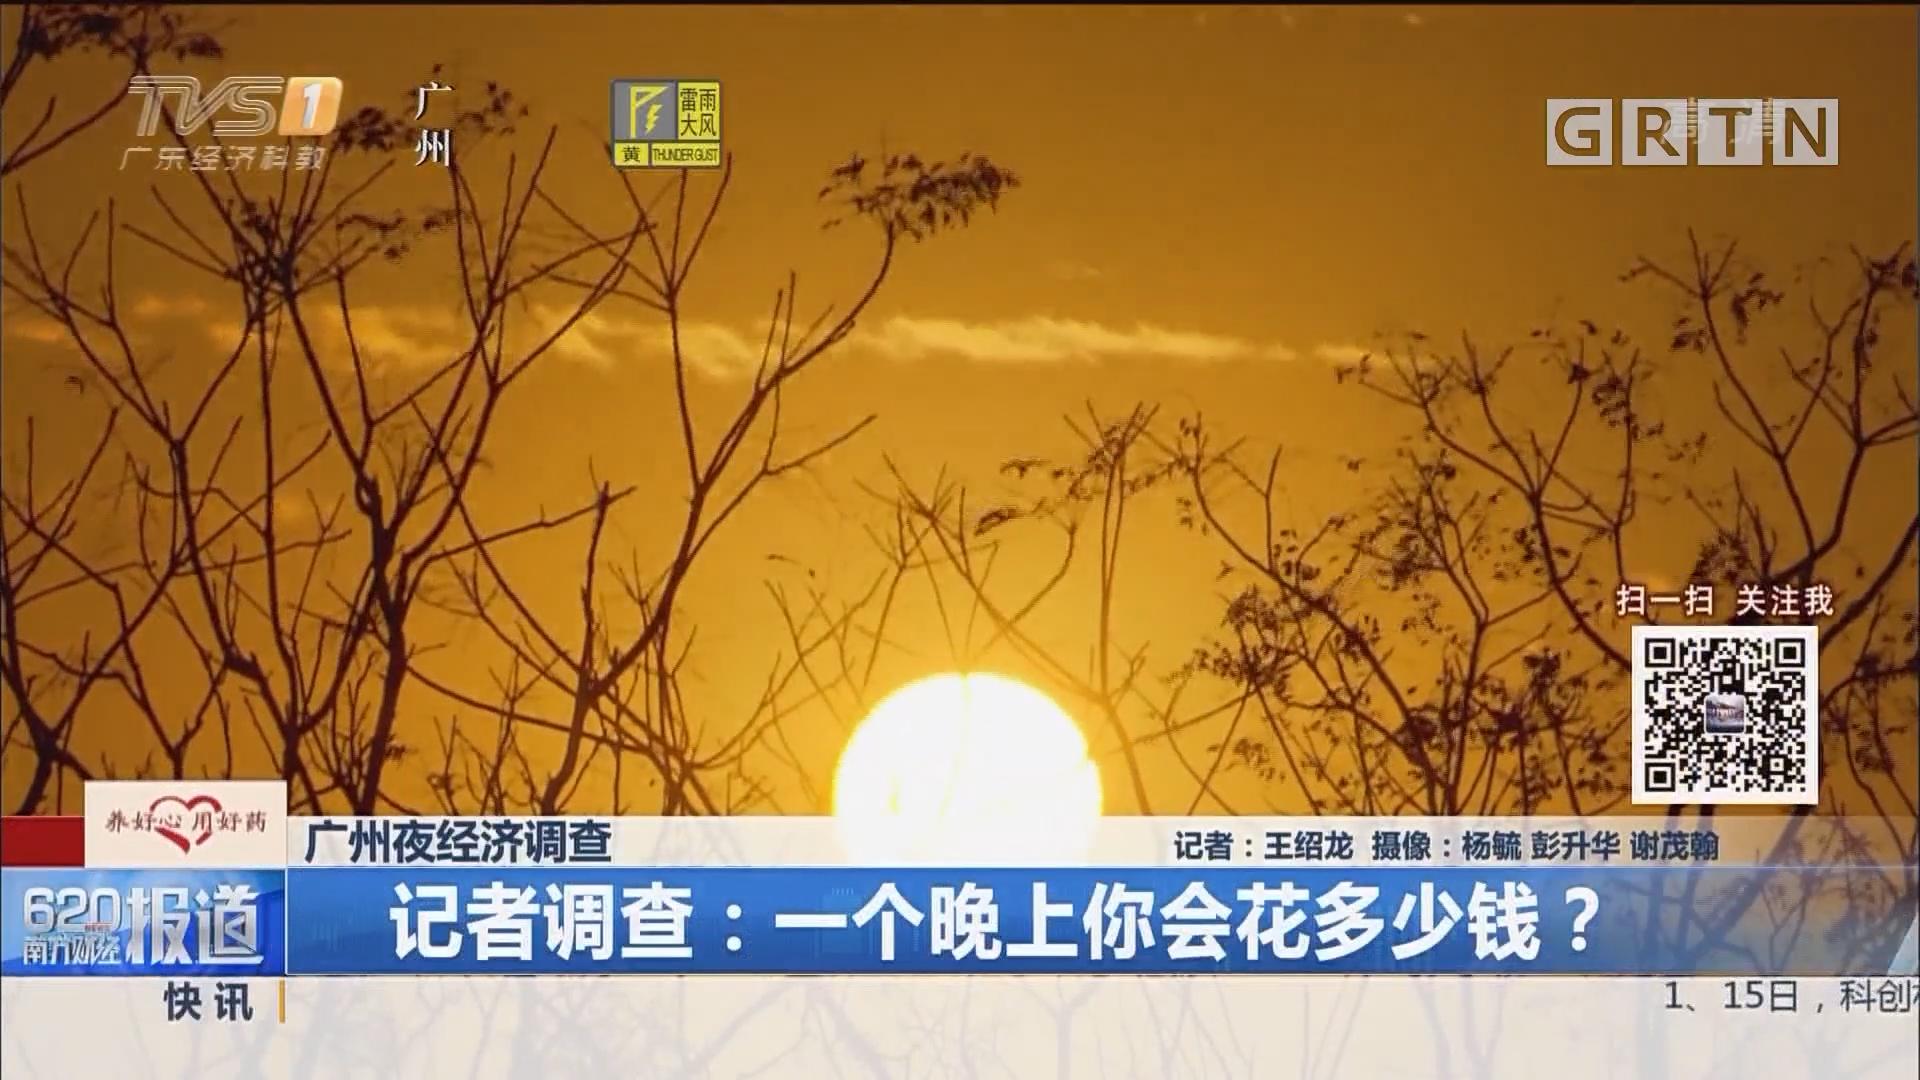 广州夜经济调查 记者调查:一个晚上你会花多少钱?